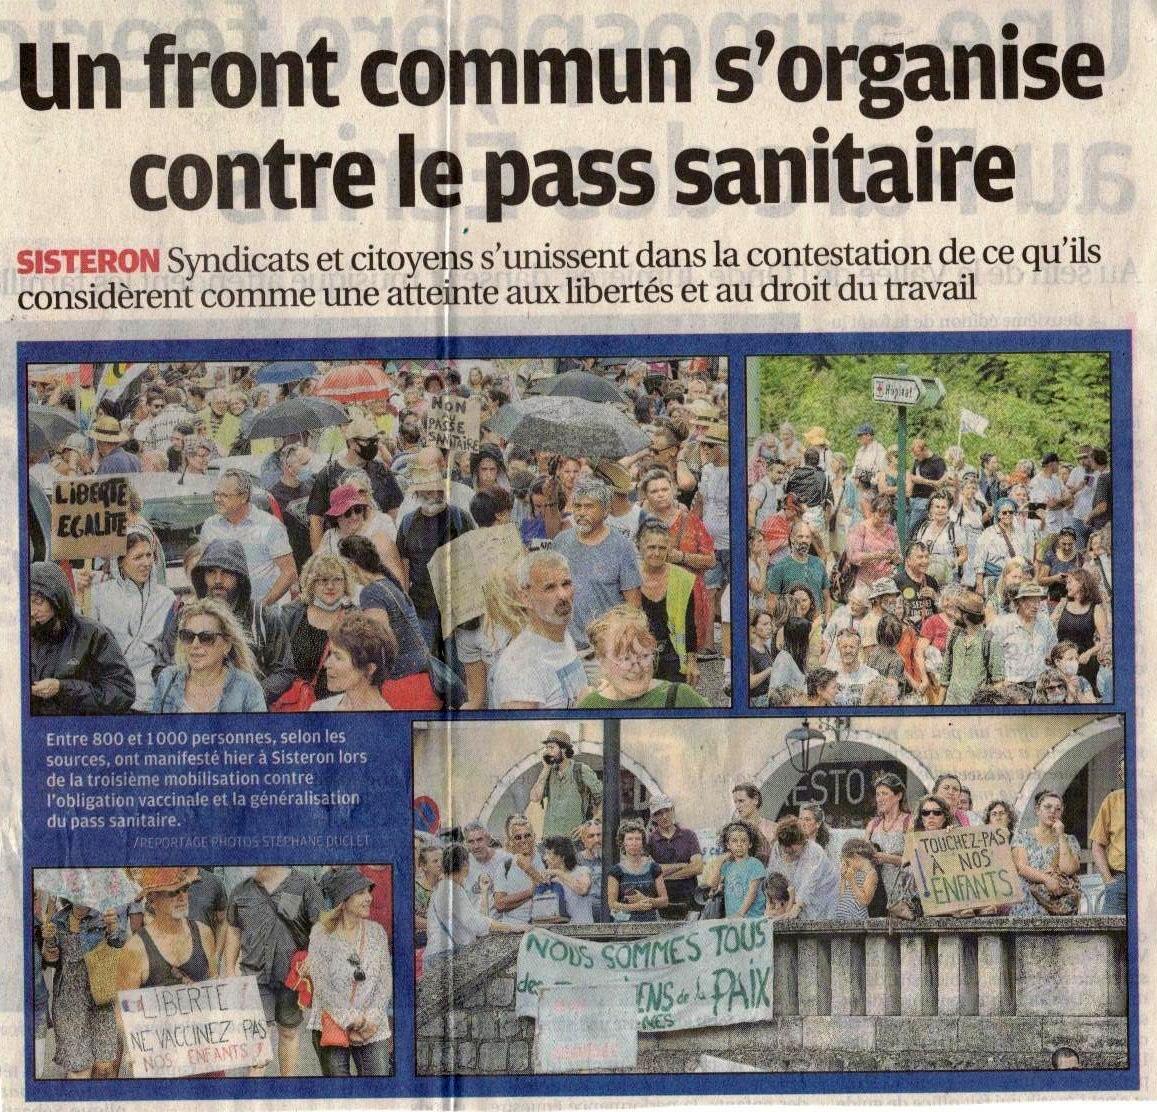 1371. Article La Provence partie 2